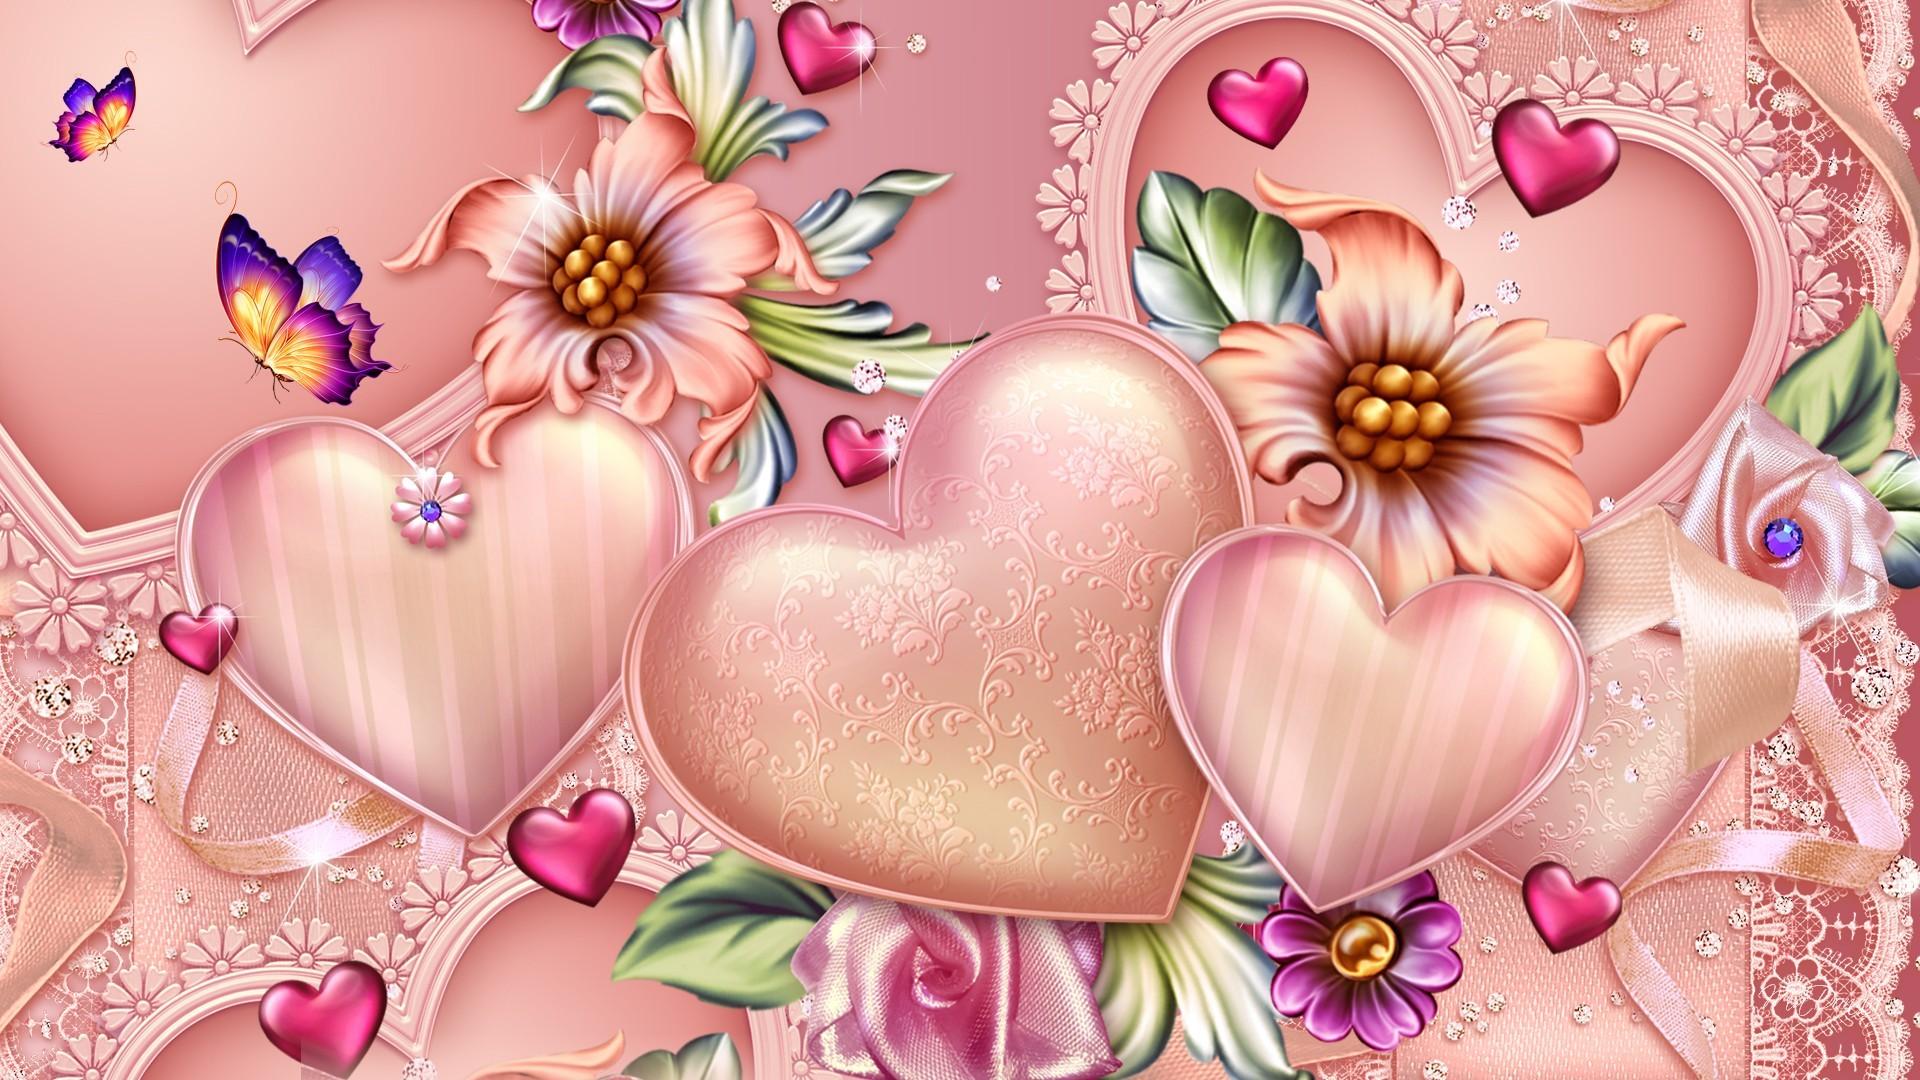 Lace Heart HD desktop wallpaper Widescreen High Definition